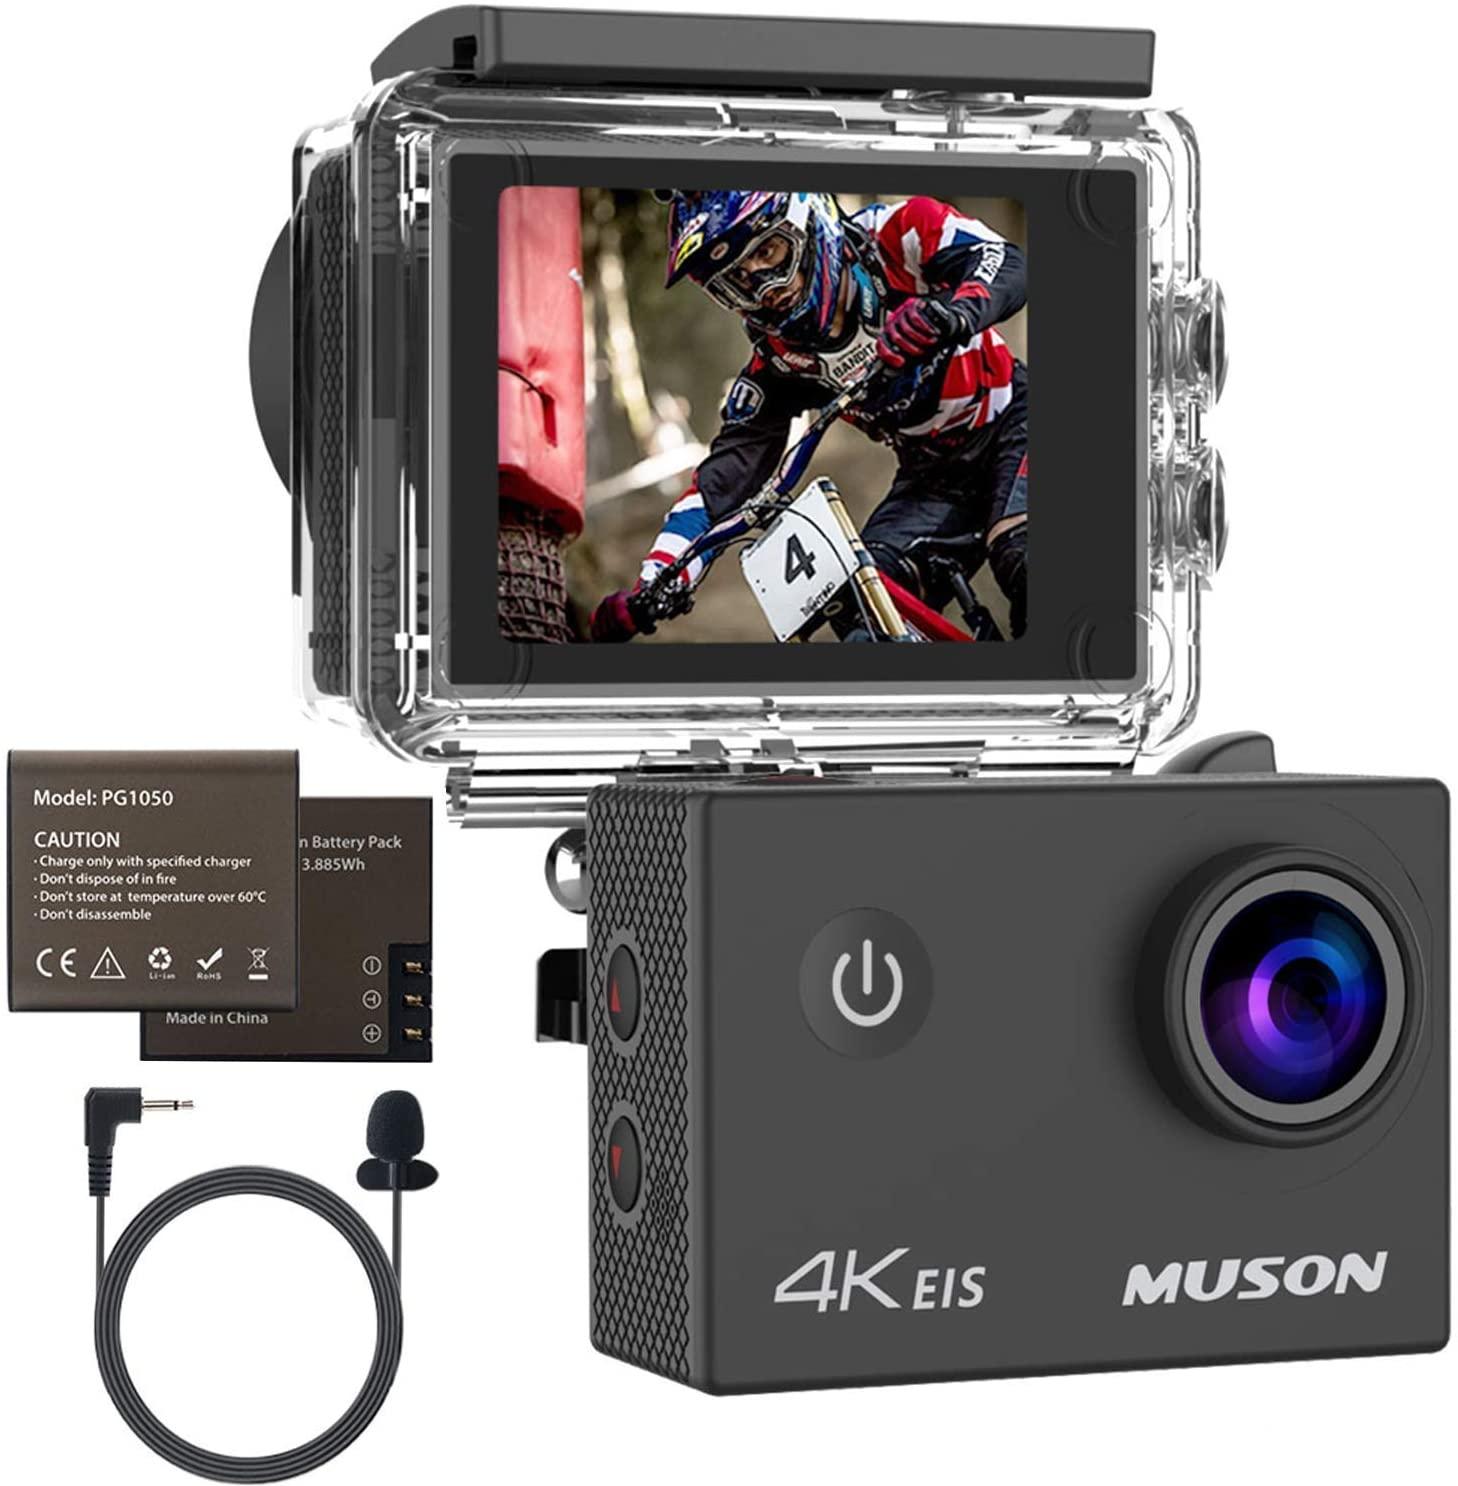 MUSON(ムソン) スポーツアクションカメラ 4K対応の割引クーポンを配信中。安かろう悪かろう。